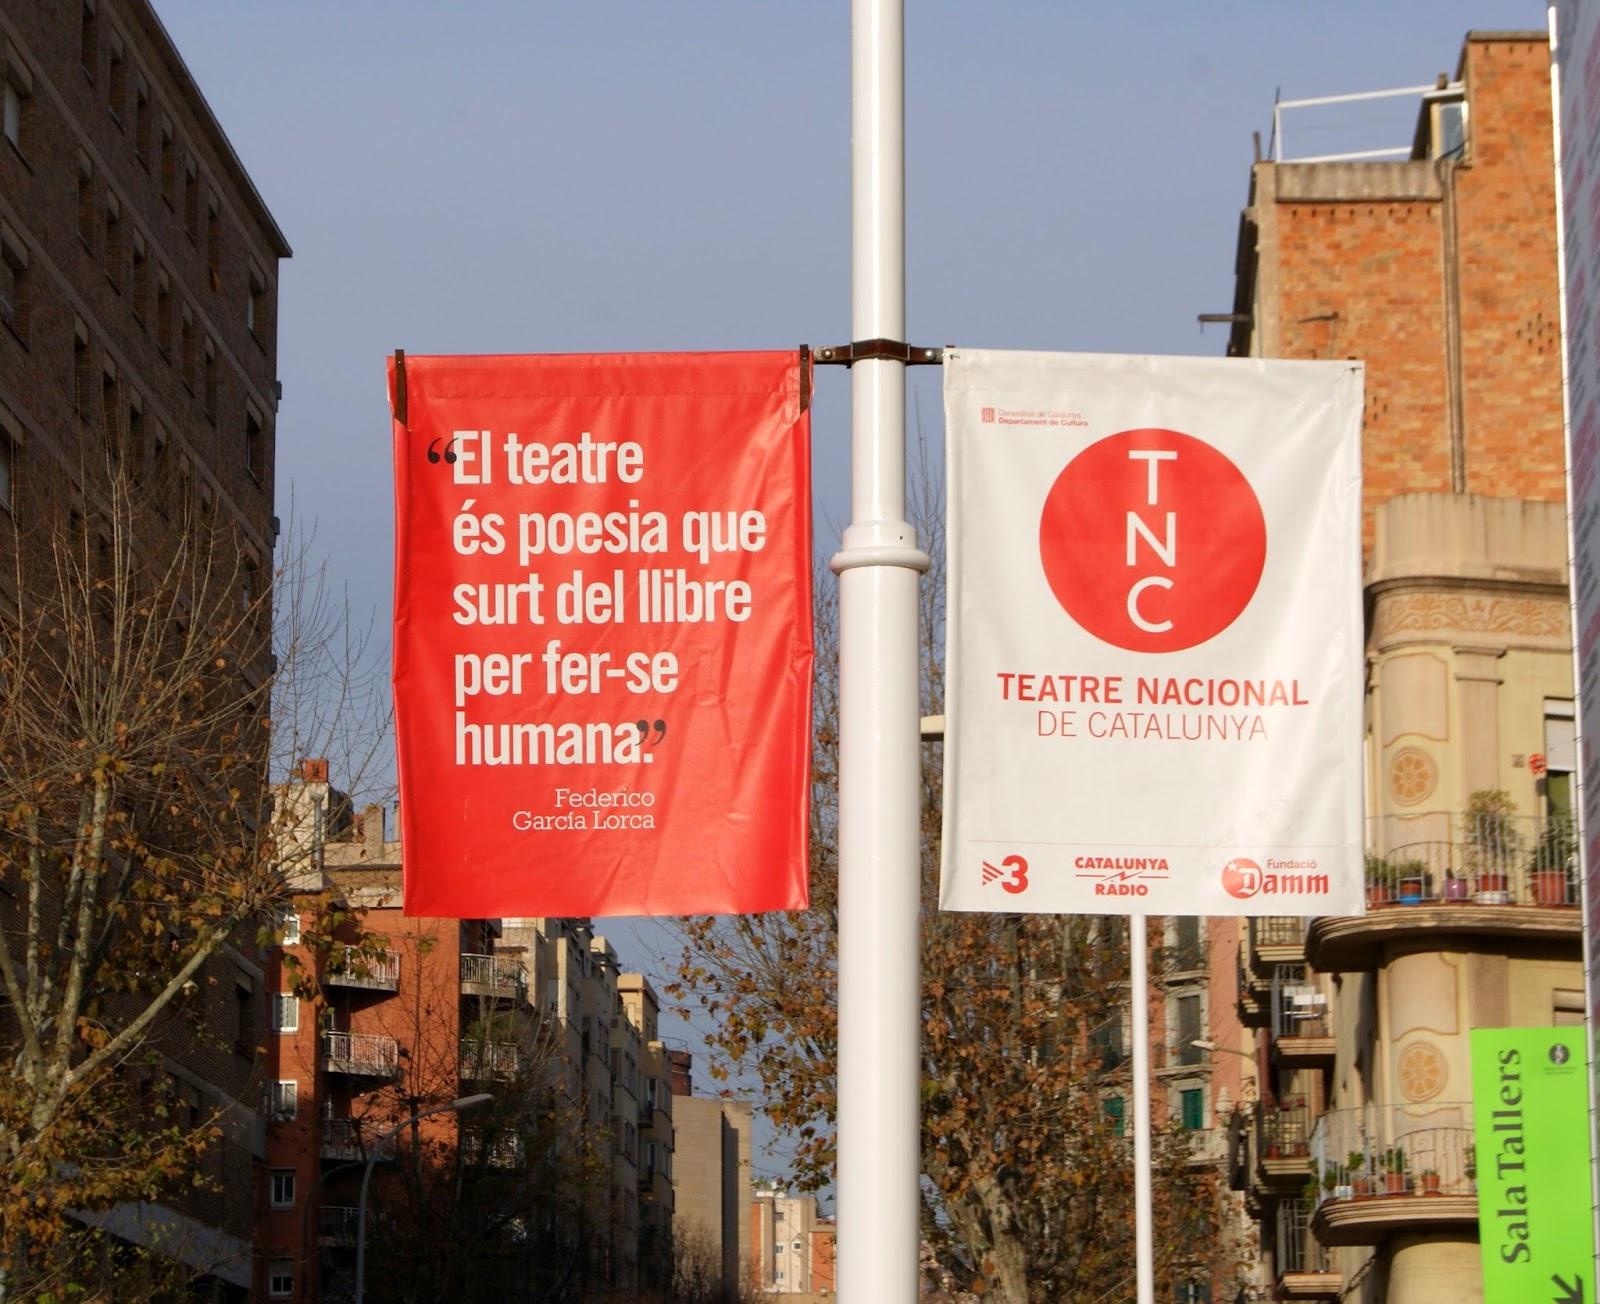 El teatre és poesia que surt del llibre per fer-se humana / Federico Garcia Lorca - TNC : Teatre Nacional de Catalunya (Barcelona) per Teresa Grau Ros